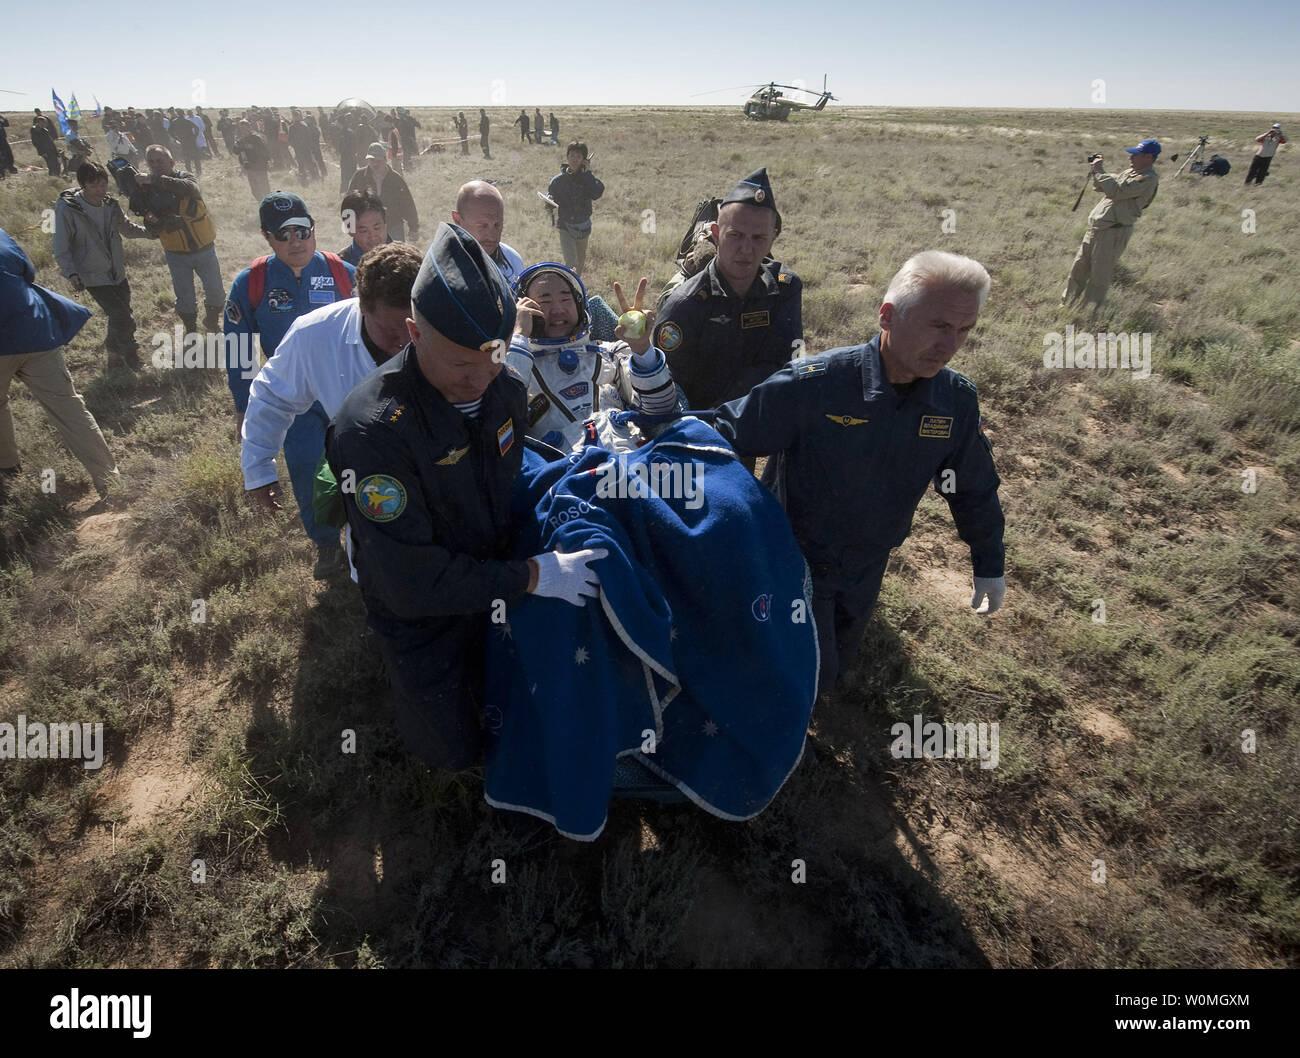 Expedition 23 Tecnico di volo Soichi Noguchi è portato in una sedia al medico tenda ad appena pochi minuti dopo che lui ed il compagno di equipaggio T.J. Creamer e comandante Oleg Kotov sbarcati nei loro Soyuz TMA-17 capsula vicino alla città di Zhezkazgan, Kazakistan il 2 giugno 2010. L'astronauta della NASA Creamer, cosmonauta russo Kotov e astronauta giapponese Noguchi sono di ritorno da sei mesi a bordo della Stazione spaziale internazionale dove sono serviti come membri della spedizione 22 e 23 equipaggi. UPI//Bill Ingalls/NASA Immagini Stock